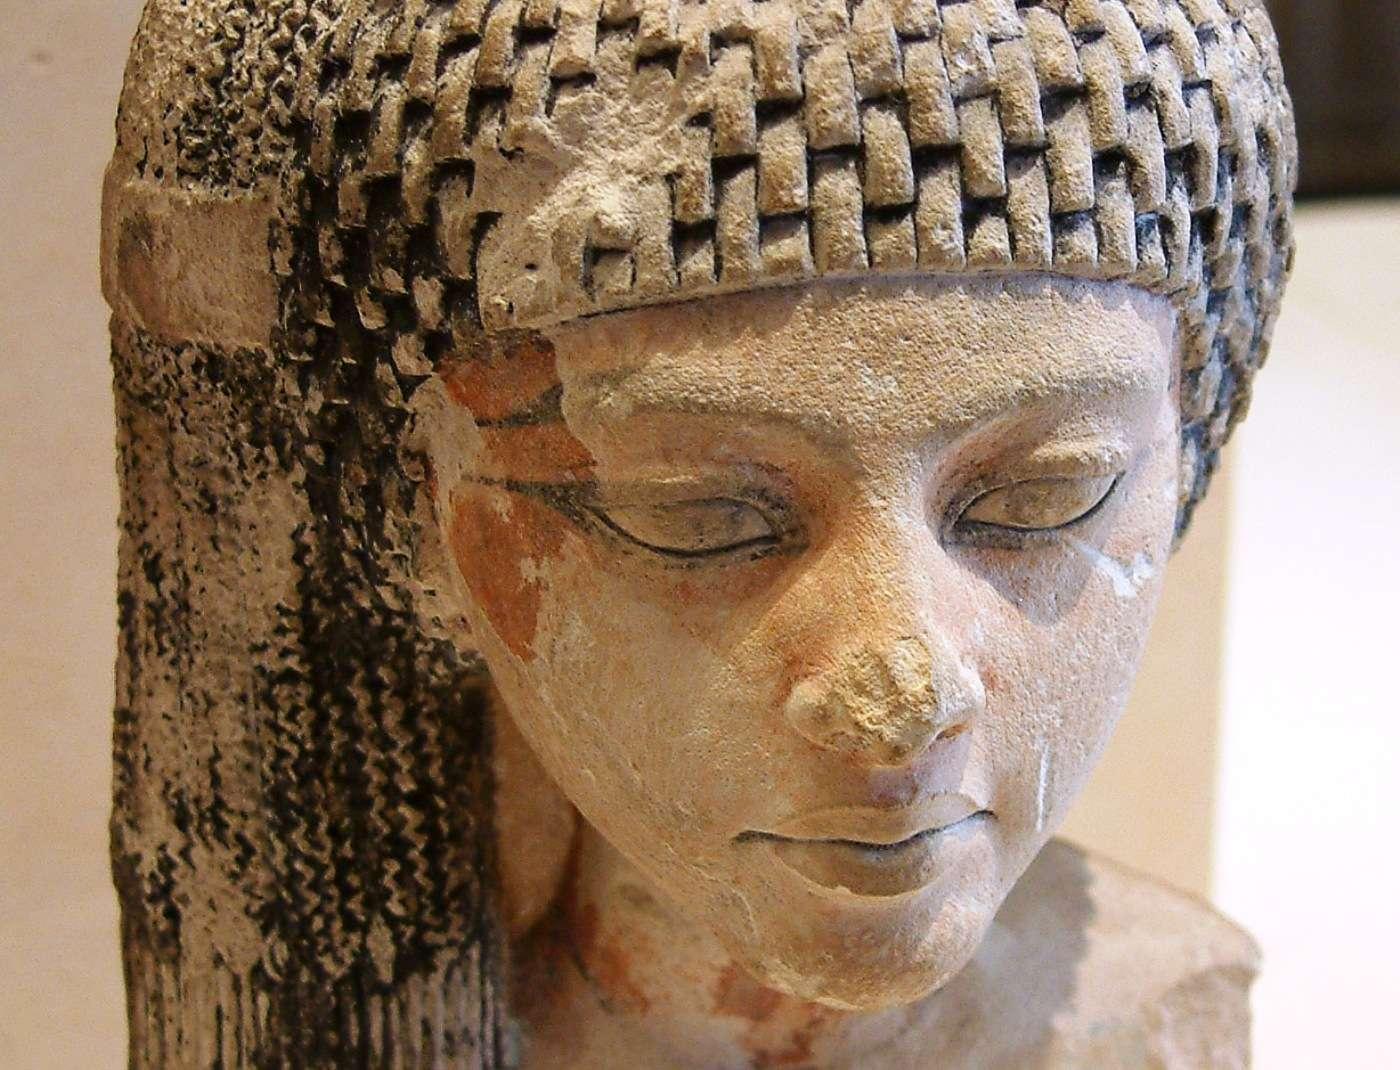 La princesse Mérytaton, fille aînée d'Akhenaton et Néfertiti et sœur de Toutânkhamon, pourrait bien avoir été la nourrice de ce dernier. Cette sculpture semblant la représenter est conservée au Louvre. © Guillaume Blanchard, Wikipédia, CC by-sa 1.0